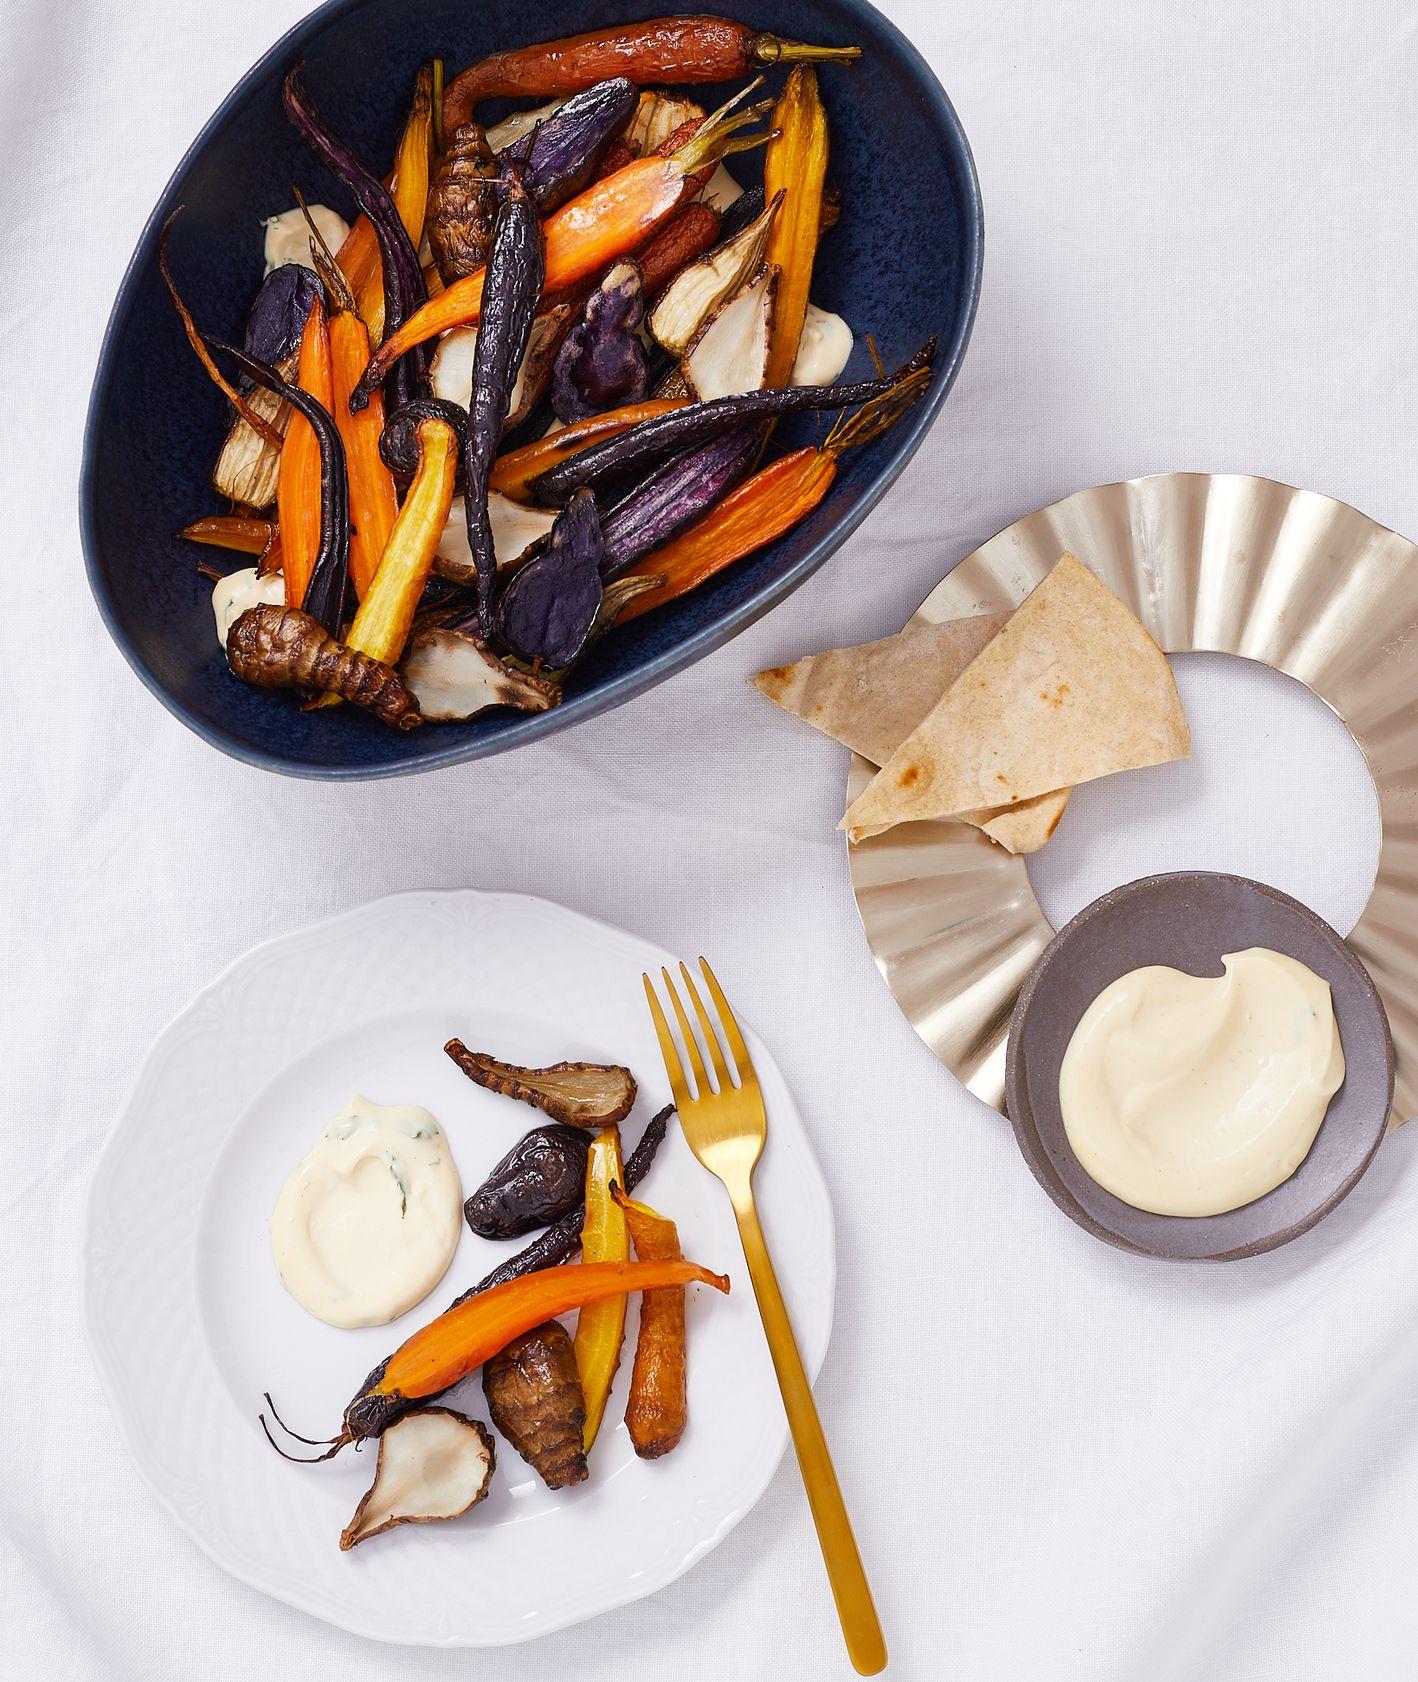 Sałatka jarzynowa z pieczonych warzyw korzeniowych z wegańskim majonezem jałowcowym i płatkami drożdżowymi (fot. Maciek Niemojewski)